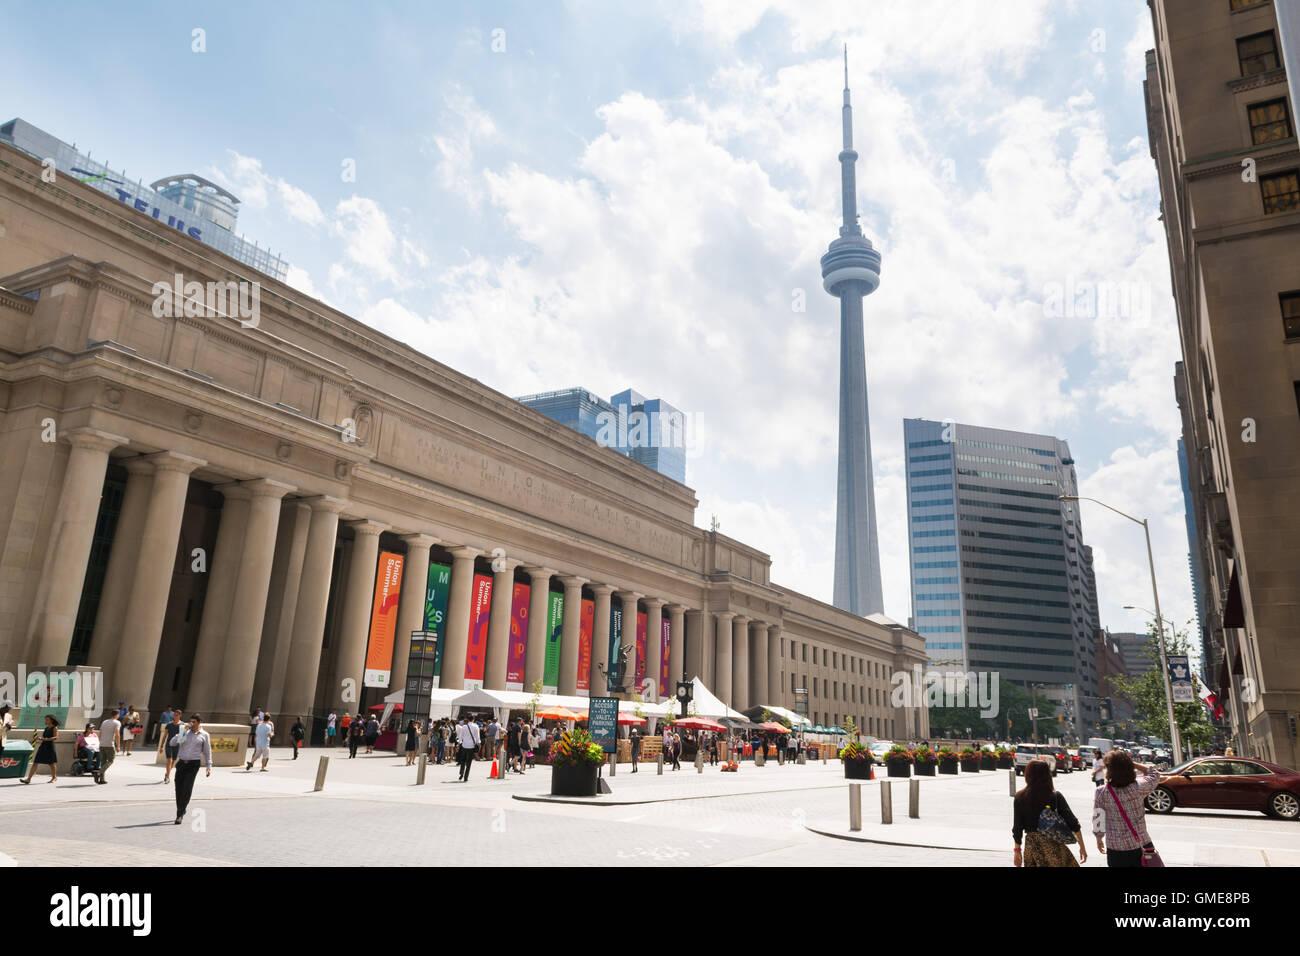 La Union Station, stazione ferroviaria e CN Tower, Front Street, Toronto, Ontario, Canada Immagini Stock